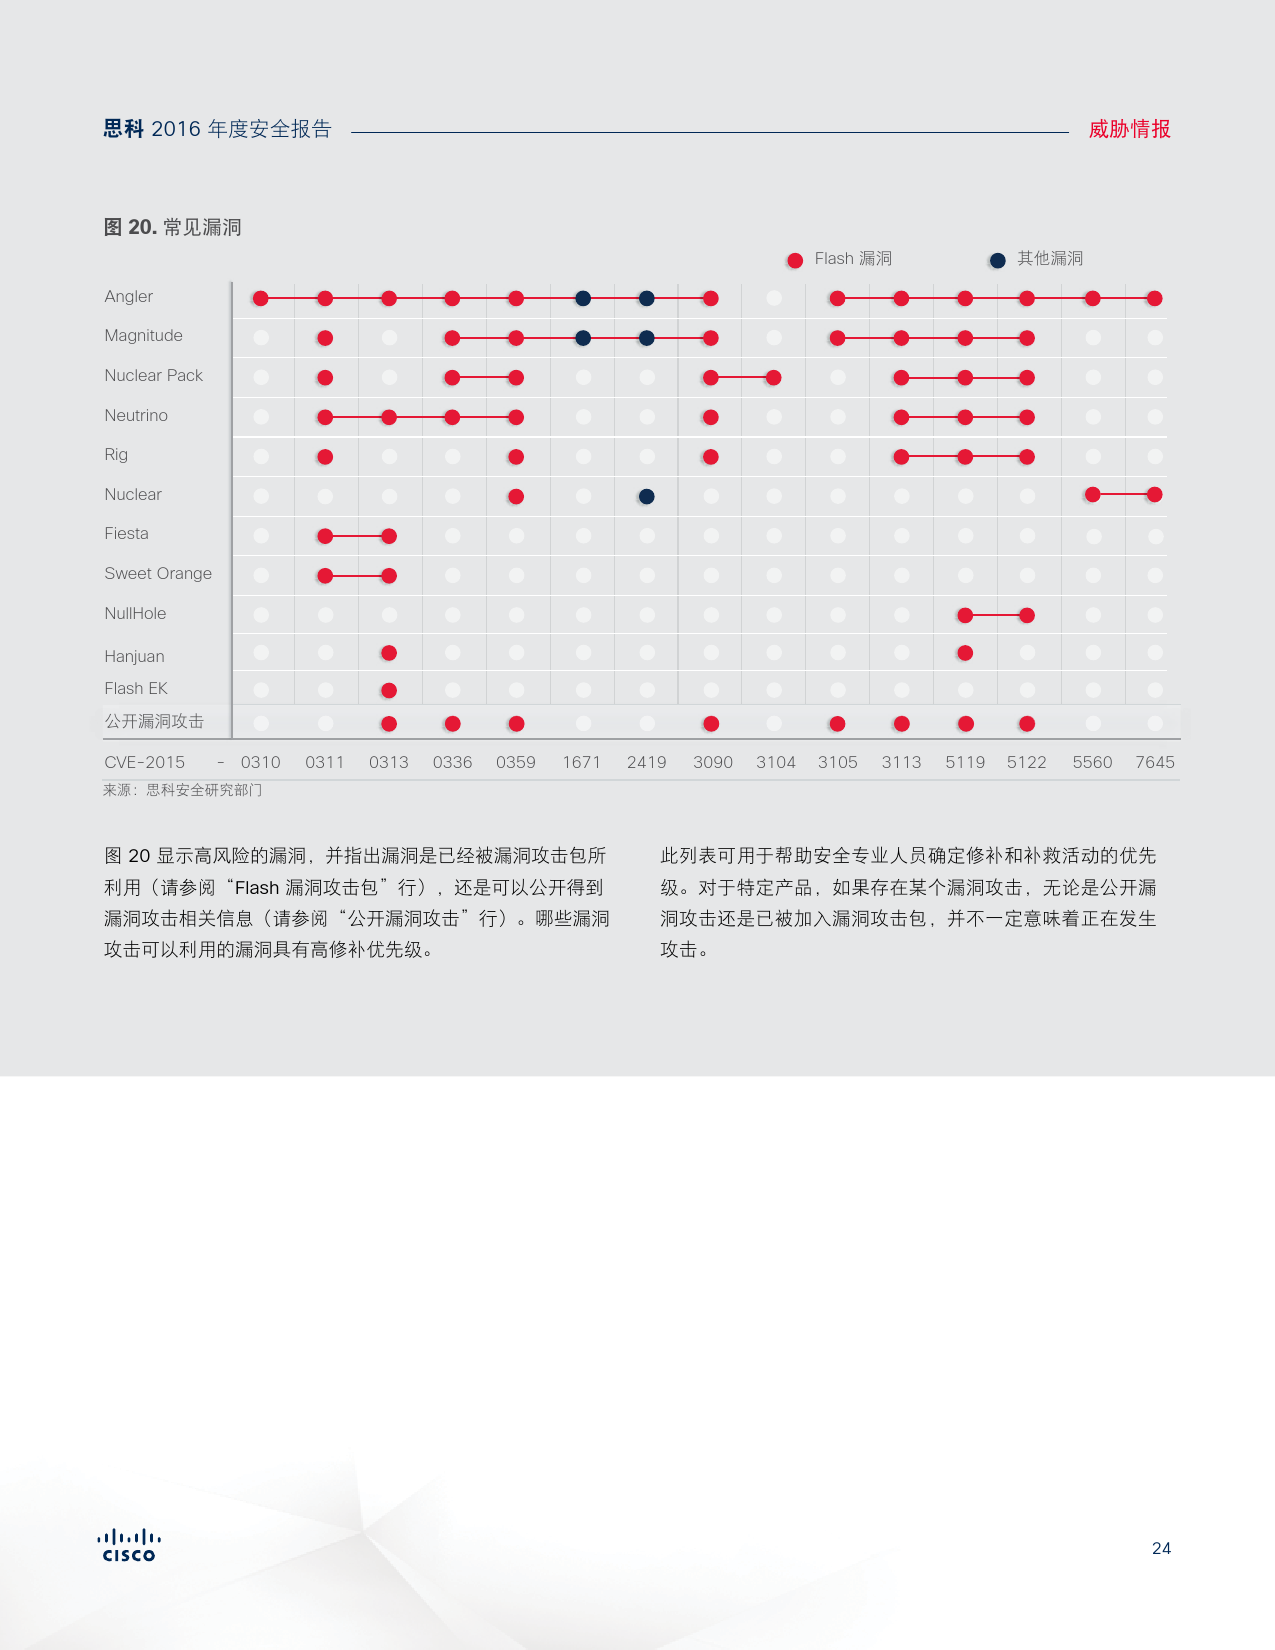 2016年中网络安全报告_000024